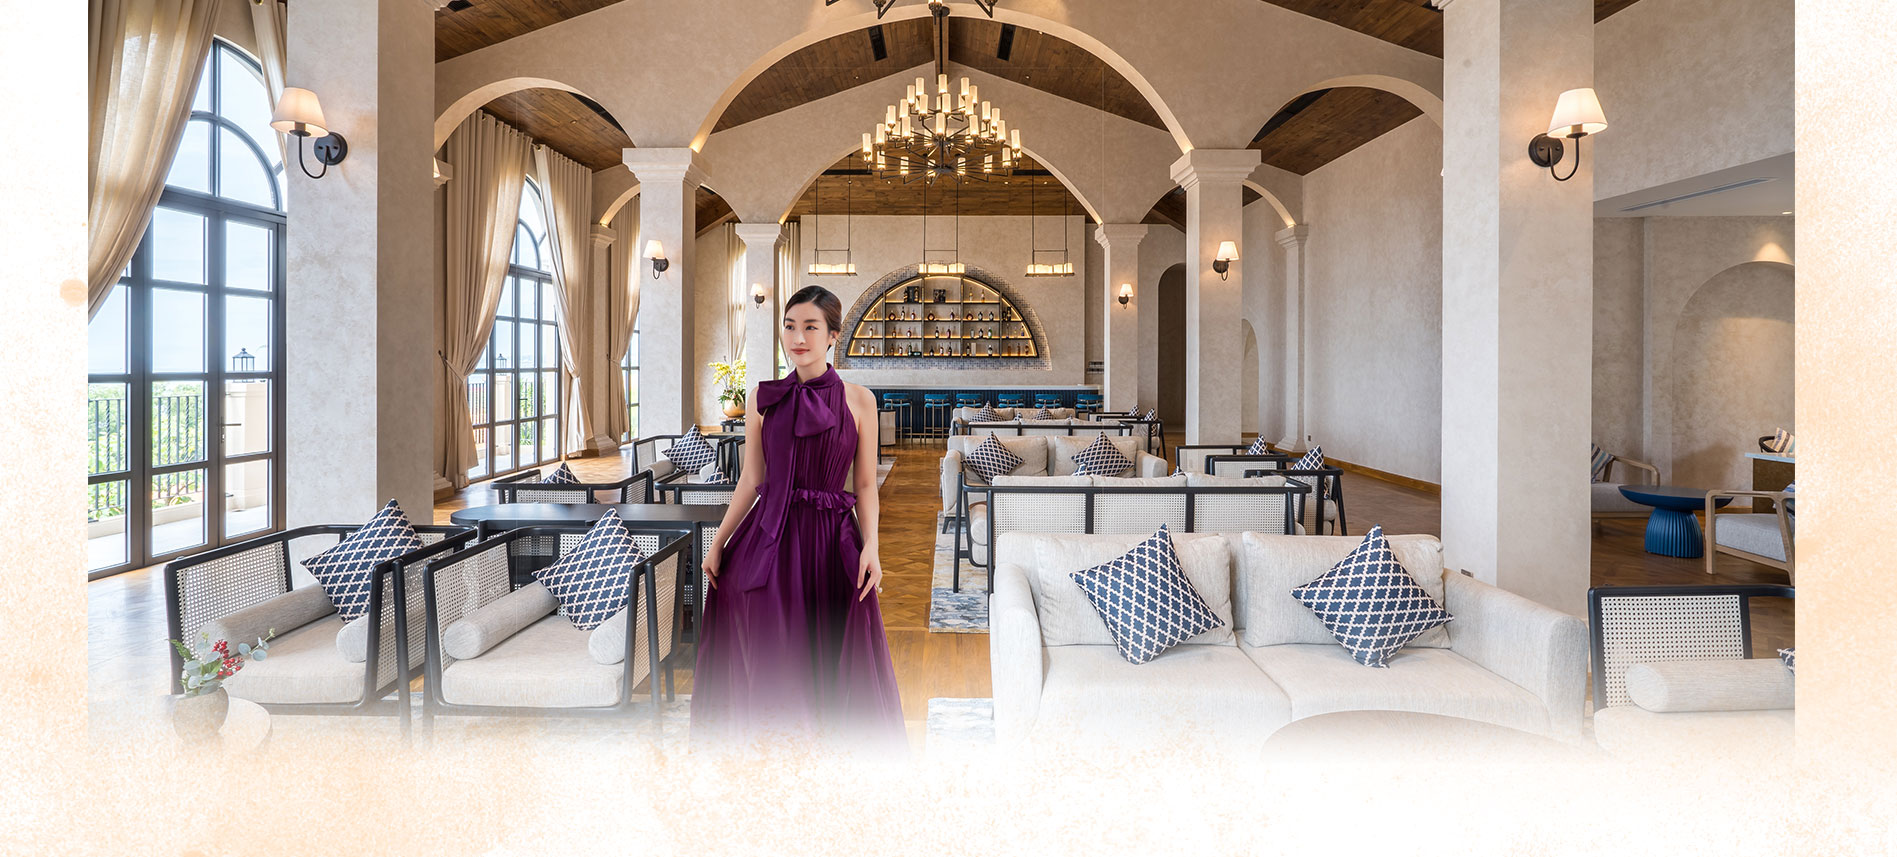 Hoa hậu Đỗ Mỹ Linh đầu tư MUA bất động sản biệt thự nghỉ dưỡng NovaHills Mui Ne Resort & Villas